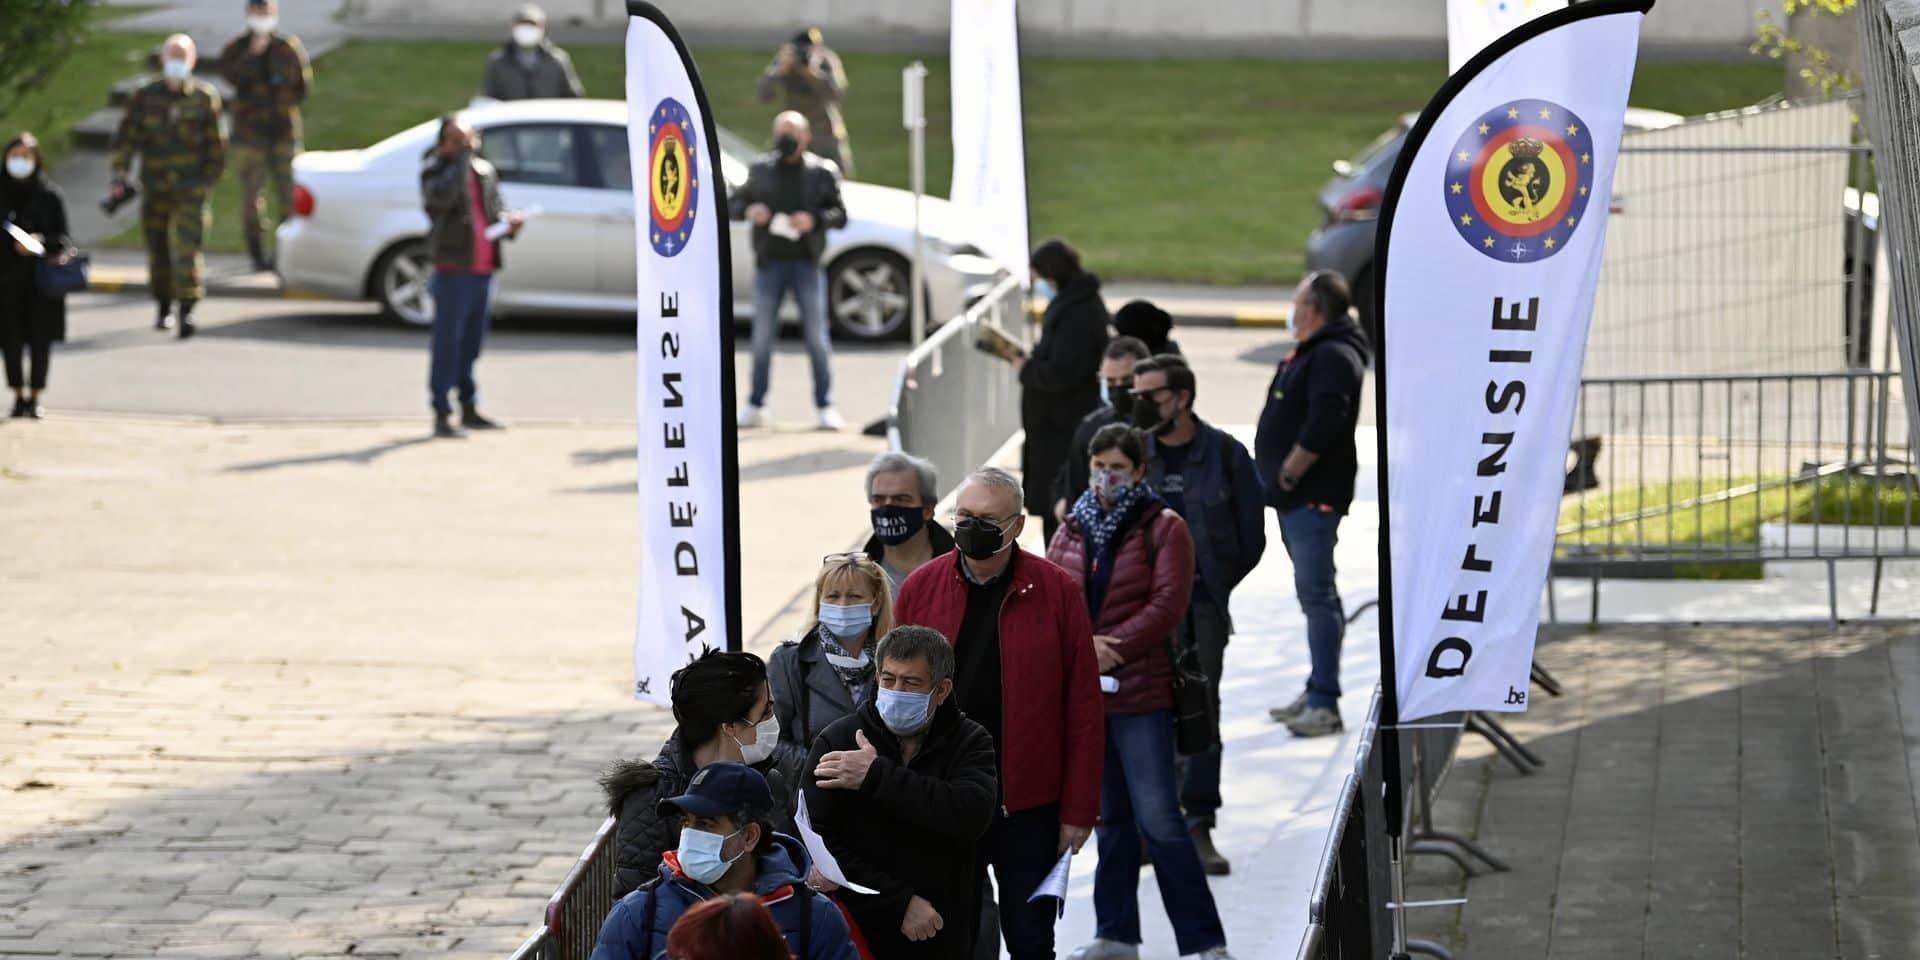 Les Bruxellois de 16 et 17 ans peuvent s'inscrire à la vaccination dès ce vendredi soir